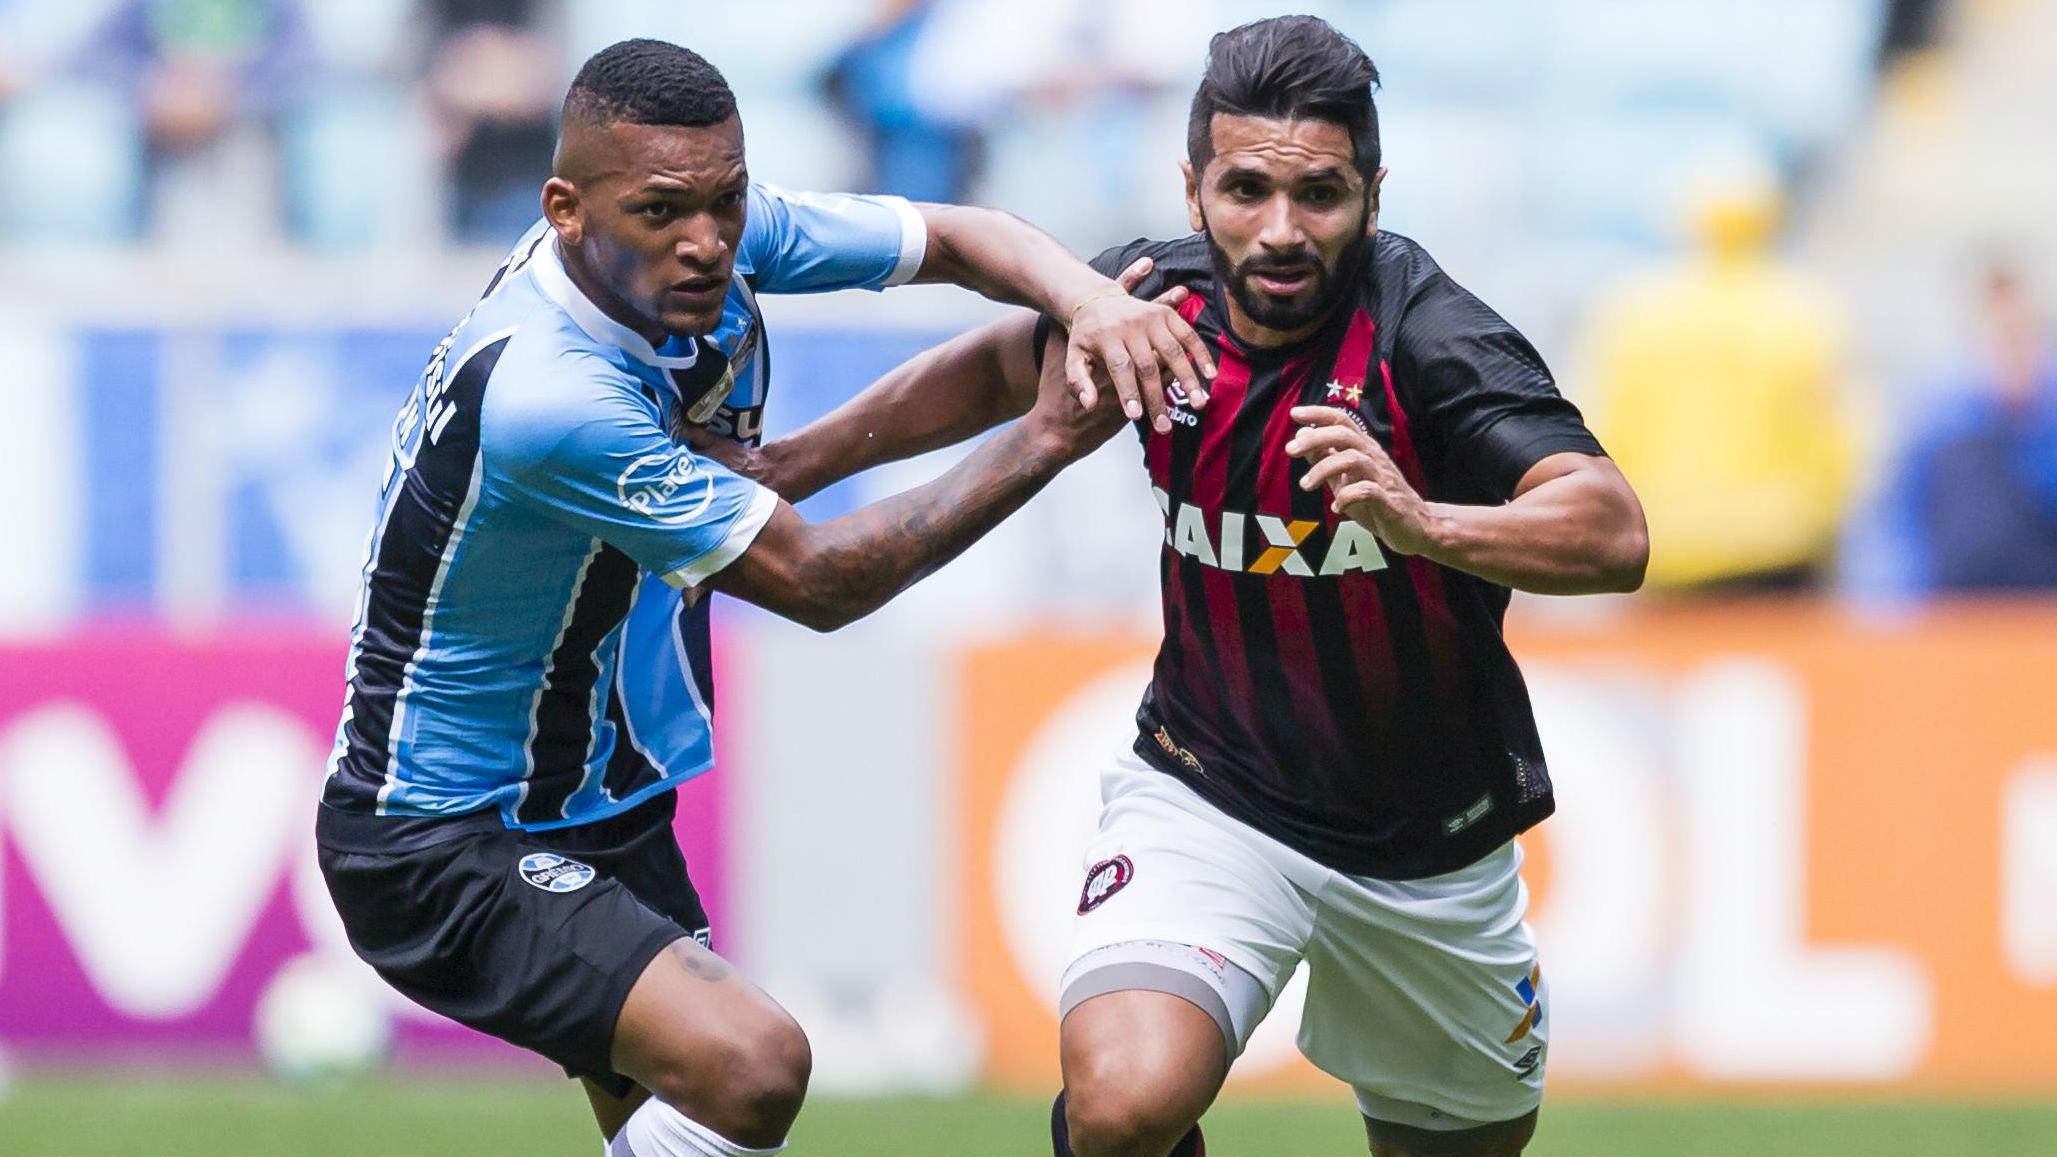 Com reservas, Grêmio empata com Atlético-PR